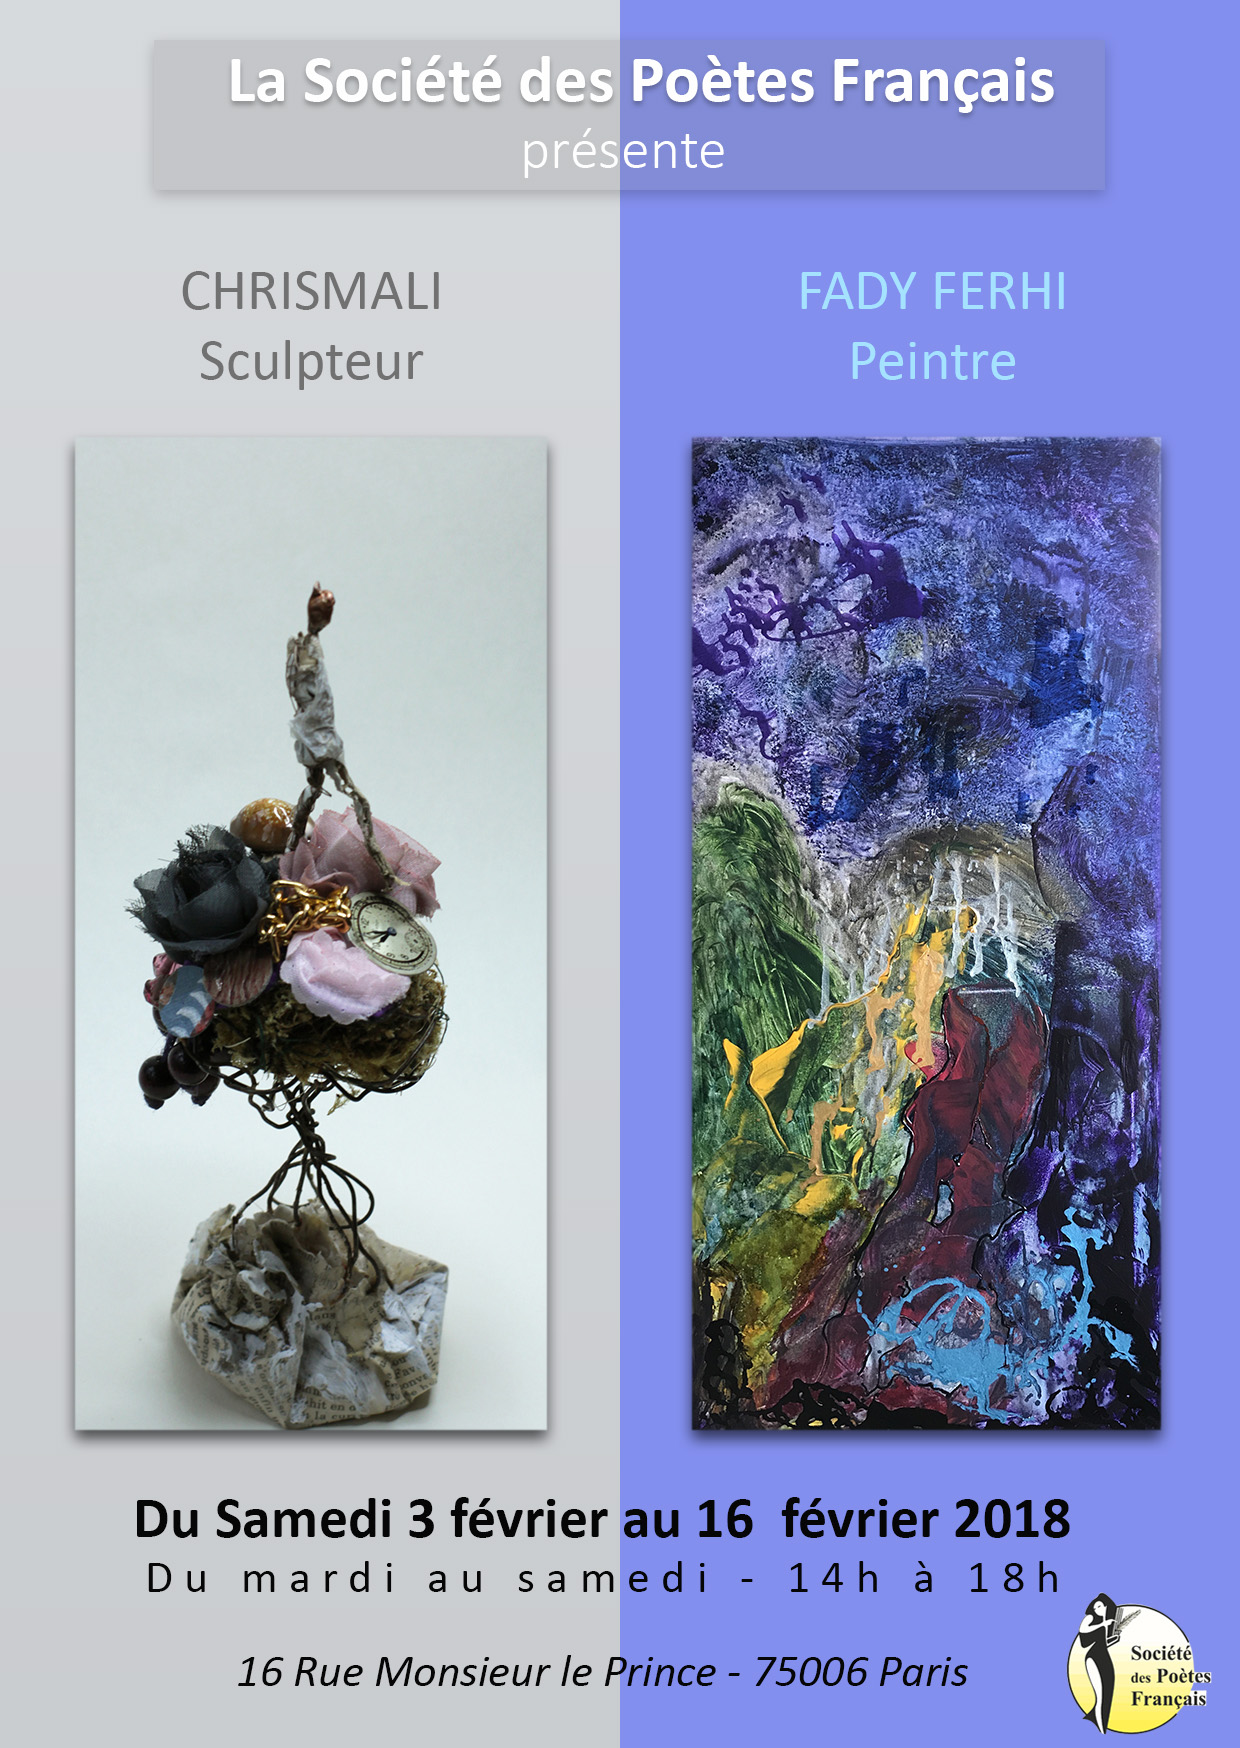 Sculpteur Peintre Et Poete Francais exposition : exposition fady ferhi, artiste peintre et